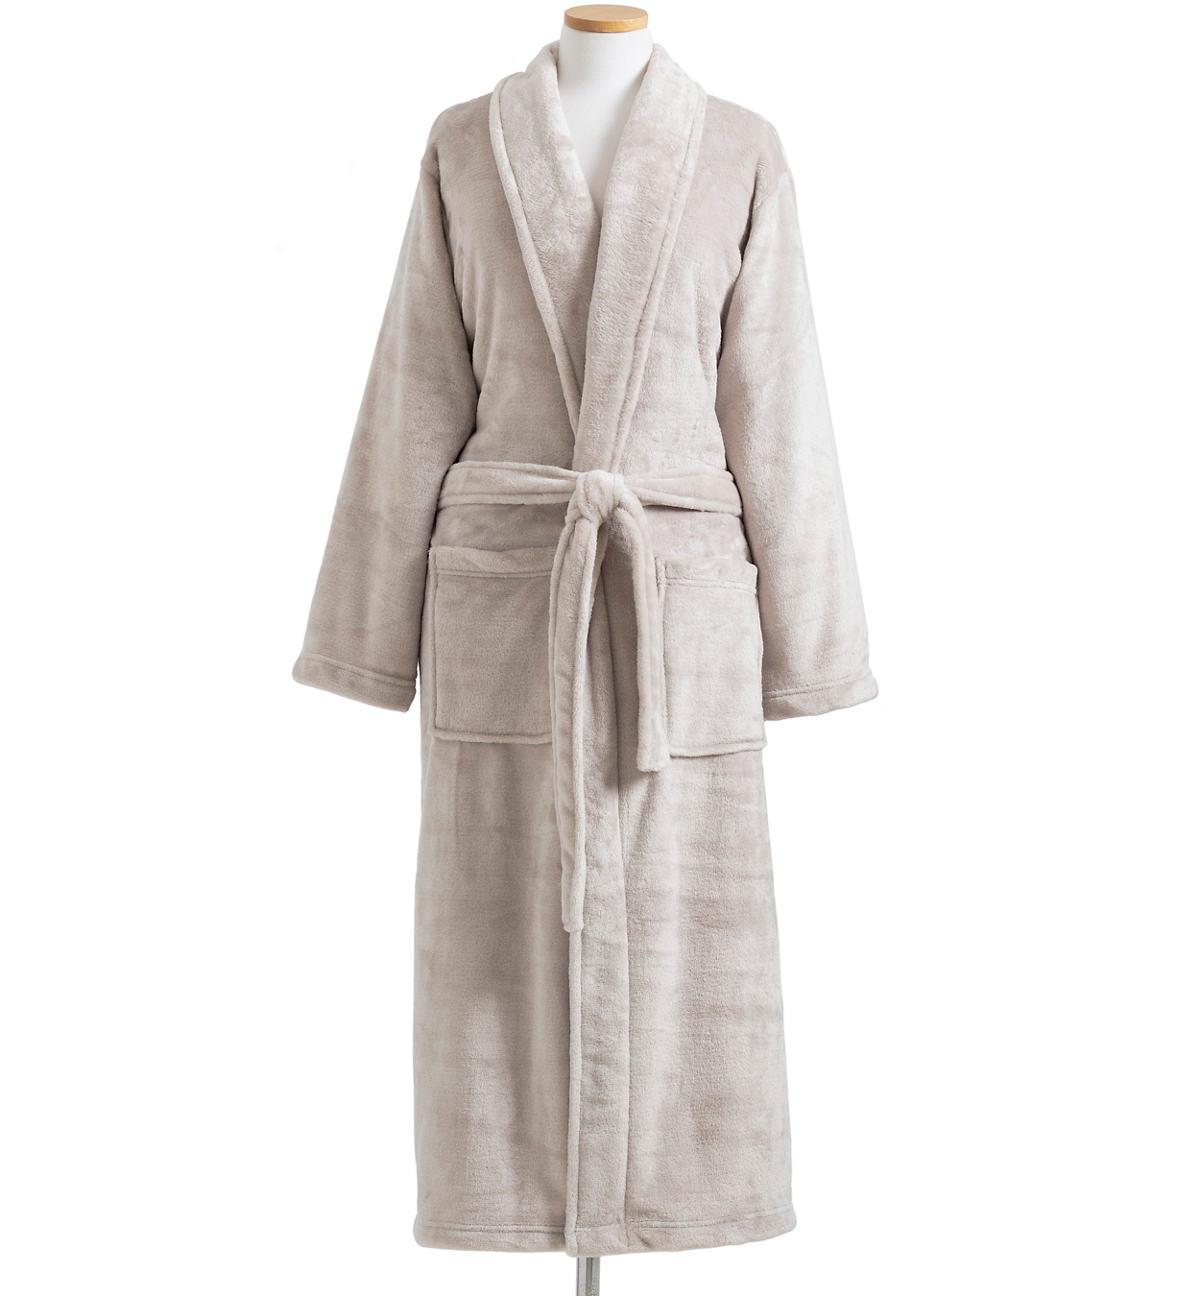 Sheepy Fleece 2.0 Dove Grey Robe